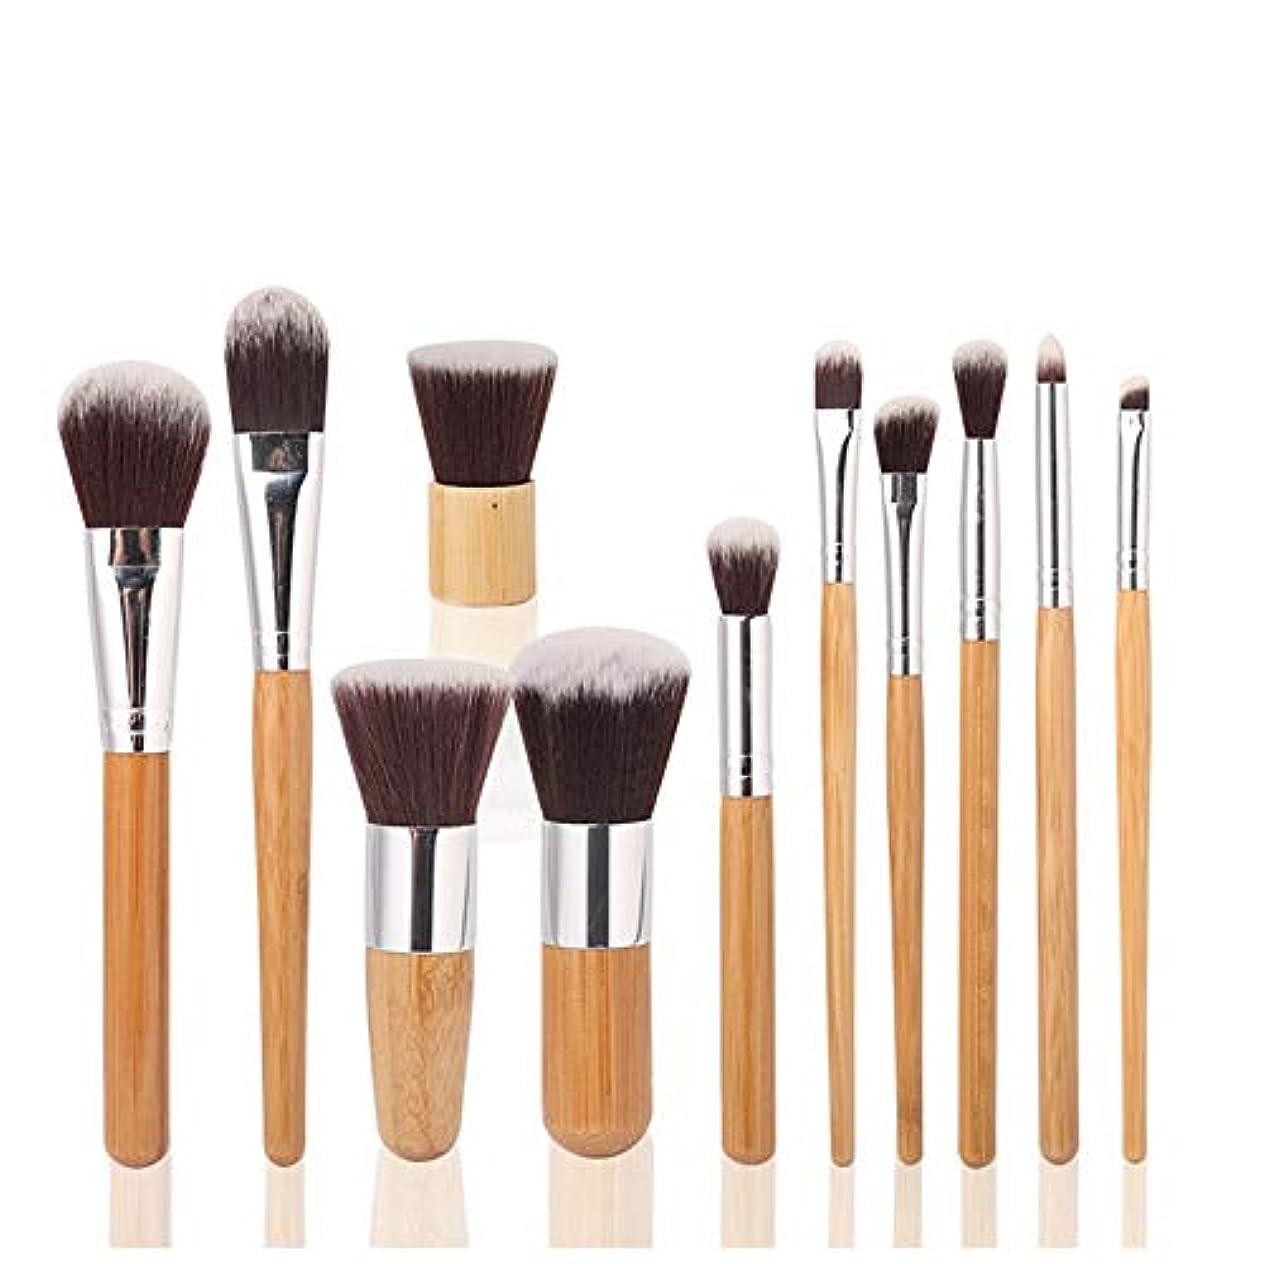 着陸合わせて近傍Makeup brushes 11竹ハンドル化粧ブラシツールポータブルセットコンシーラー美容化粧放電組み合わせリネンバッグを送信 suits (Color : Clear)